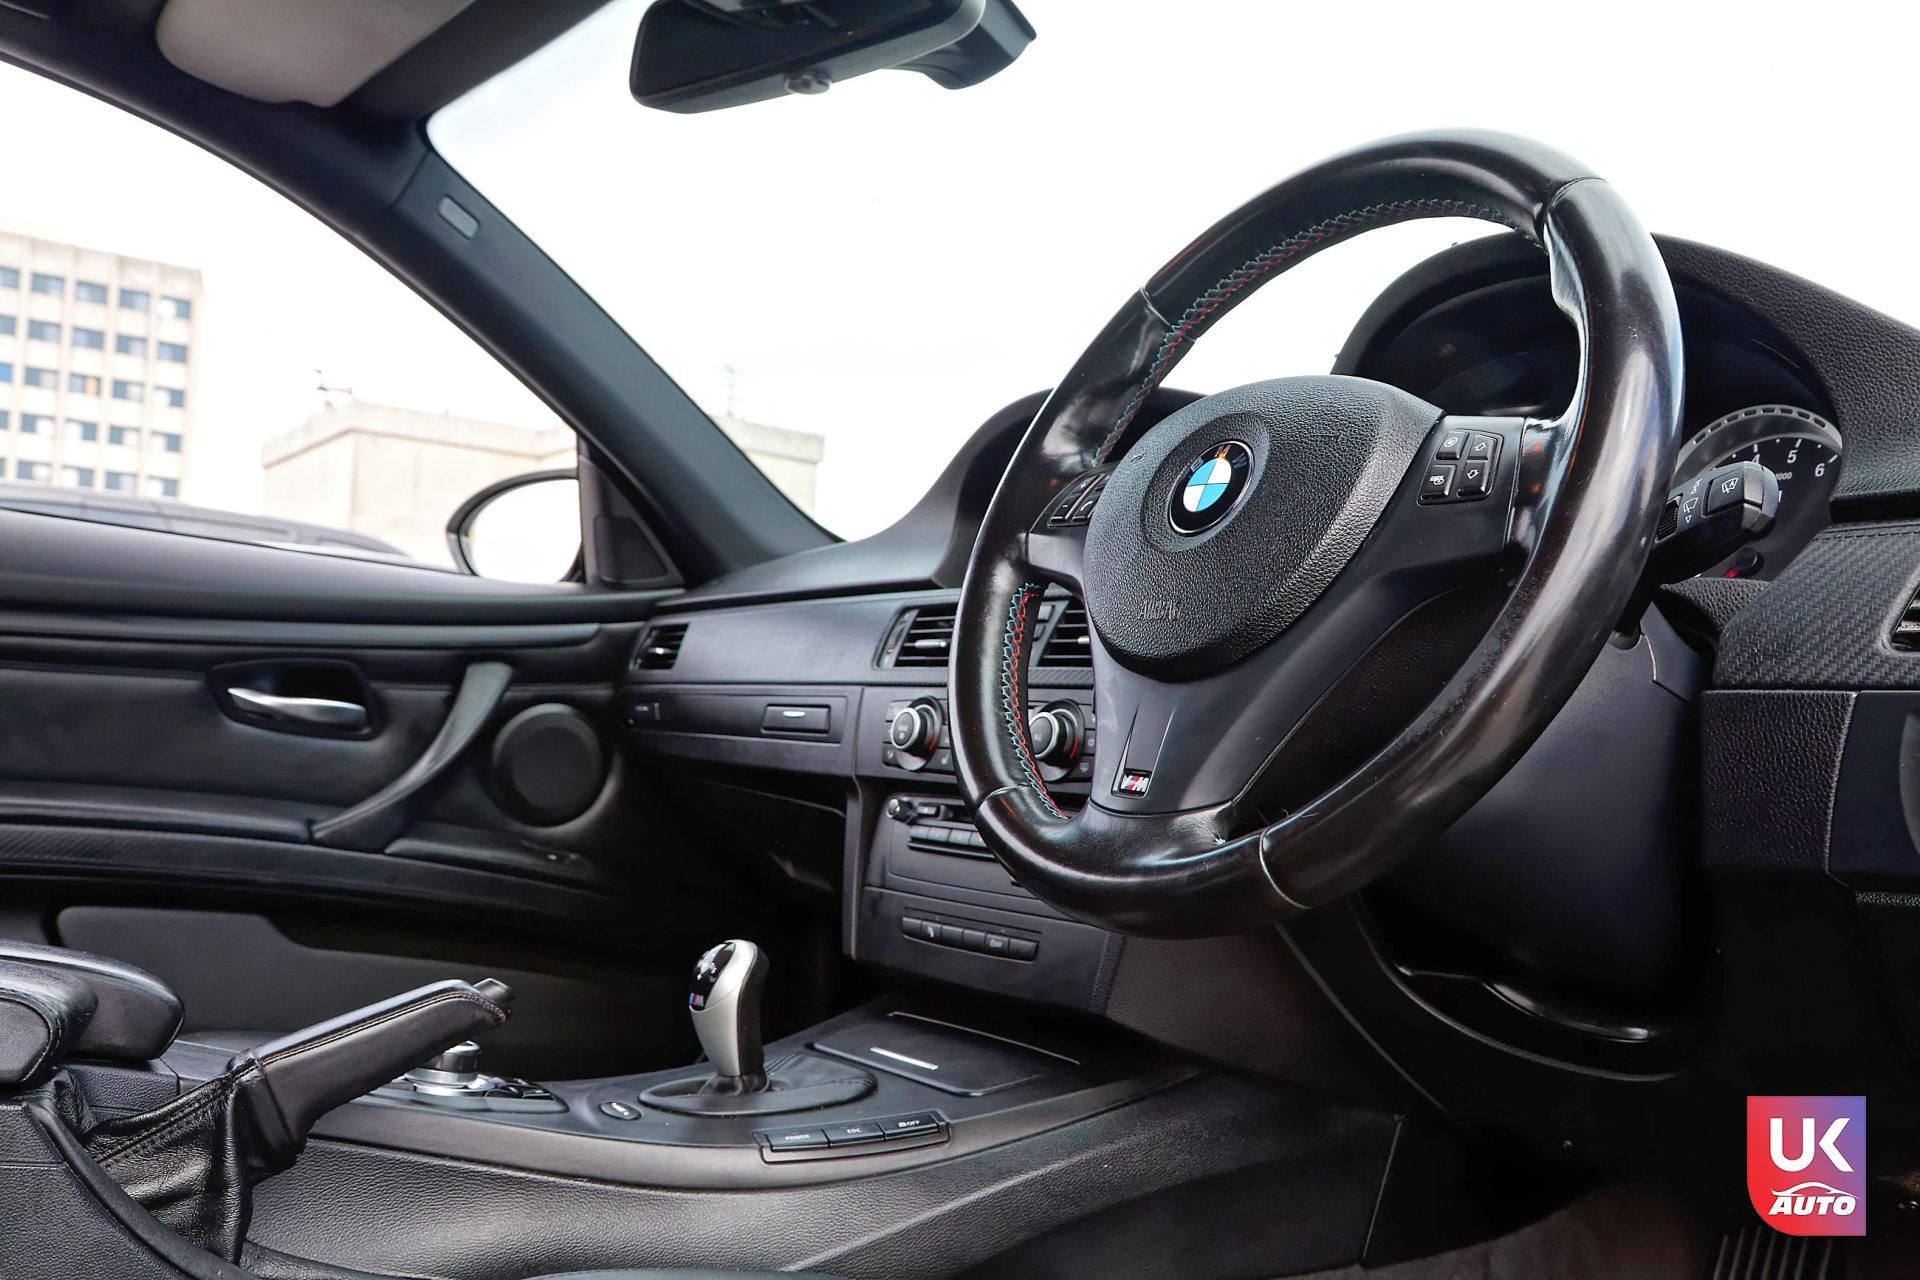 bmw m3 e92 v8 pack competition importateur bmw uk bmw angleterre m3 import uk ukauto mandataire15 DxO - IMPORTATION BMW M3 COMPETITION E92 V8 LEBONCOIN ANGLETERRE IMPORT UKAUTO FELICITATION A AUGUSTE CLIENT UKAUTO